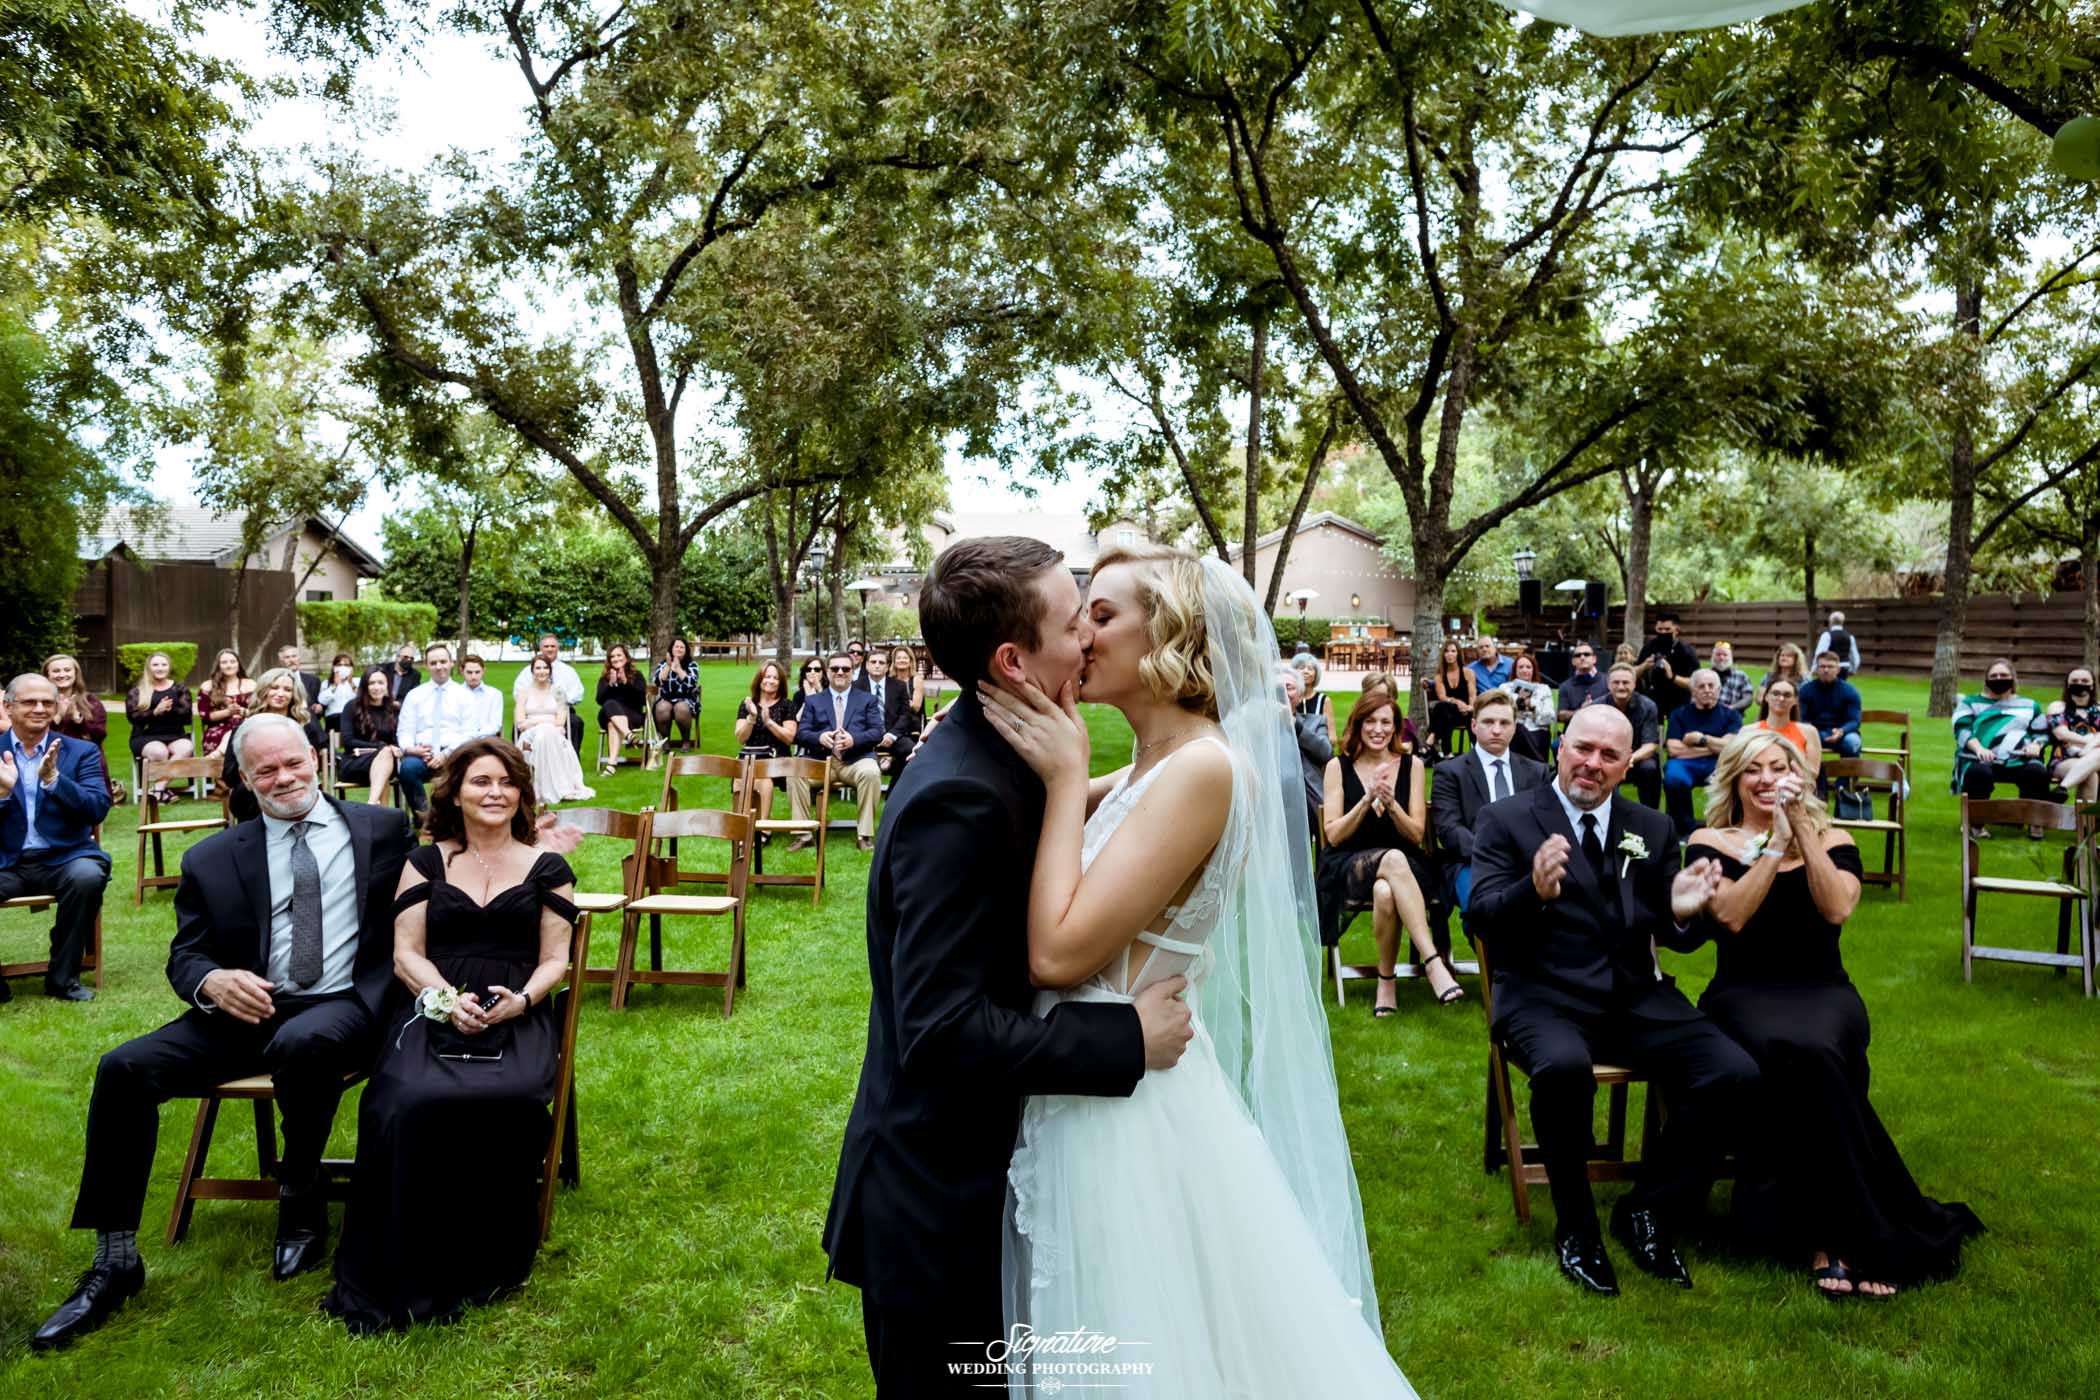 wedding ceremony photos 14